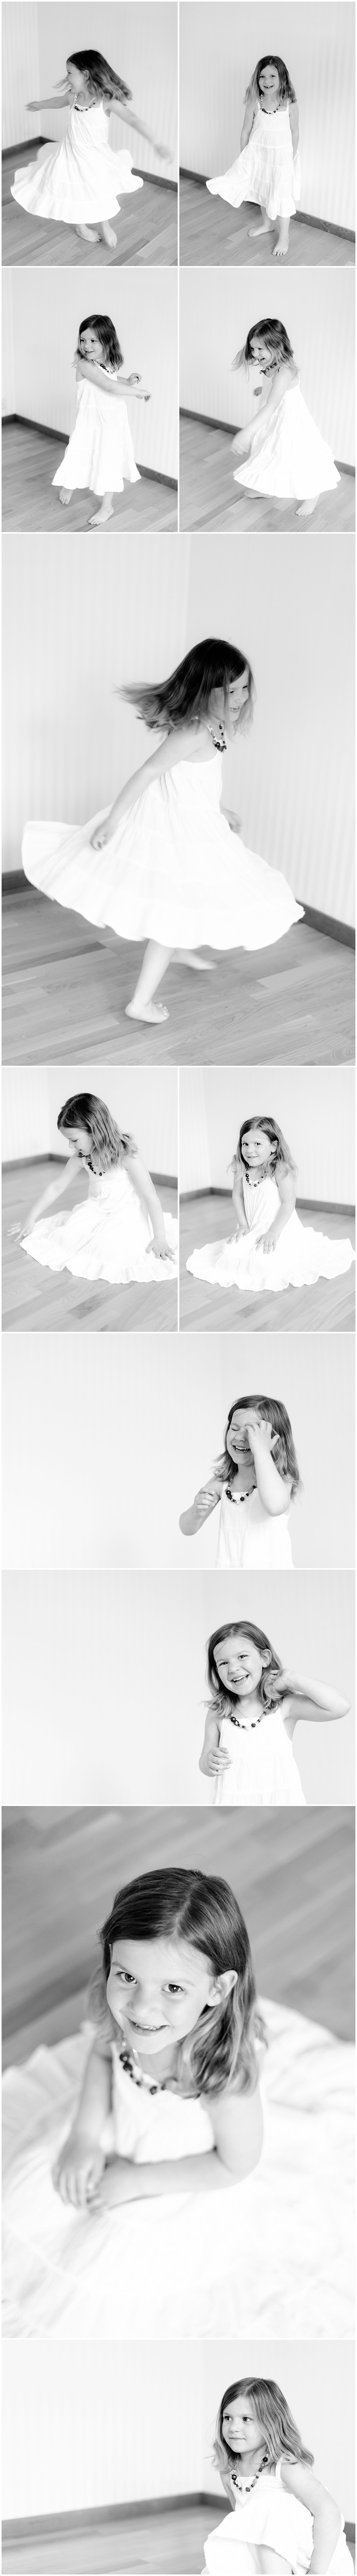 Barnfotografering Ebba - Eslöv